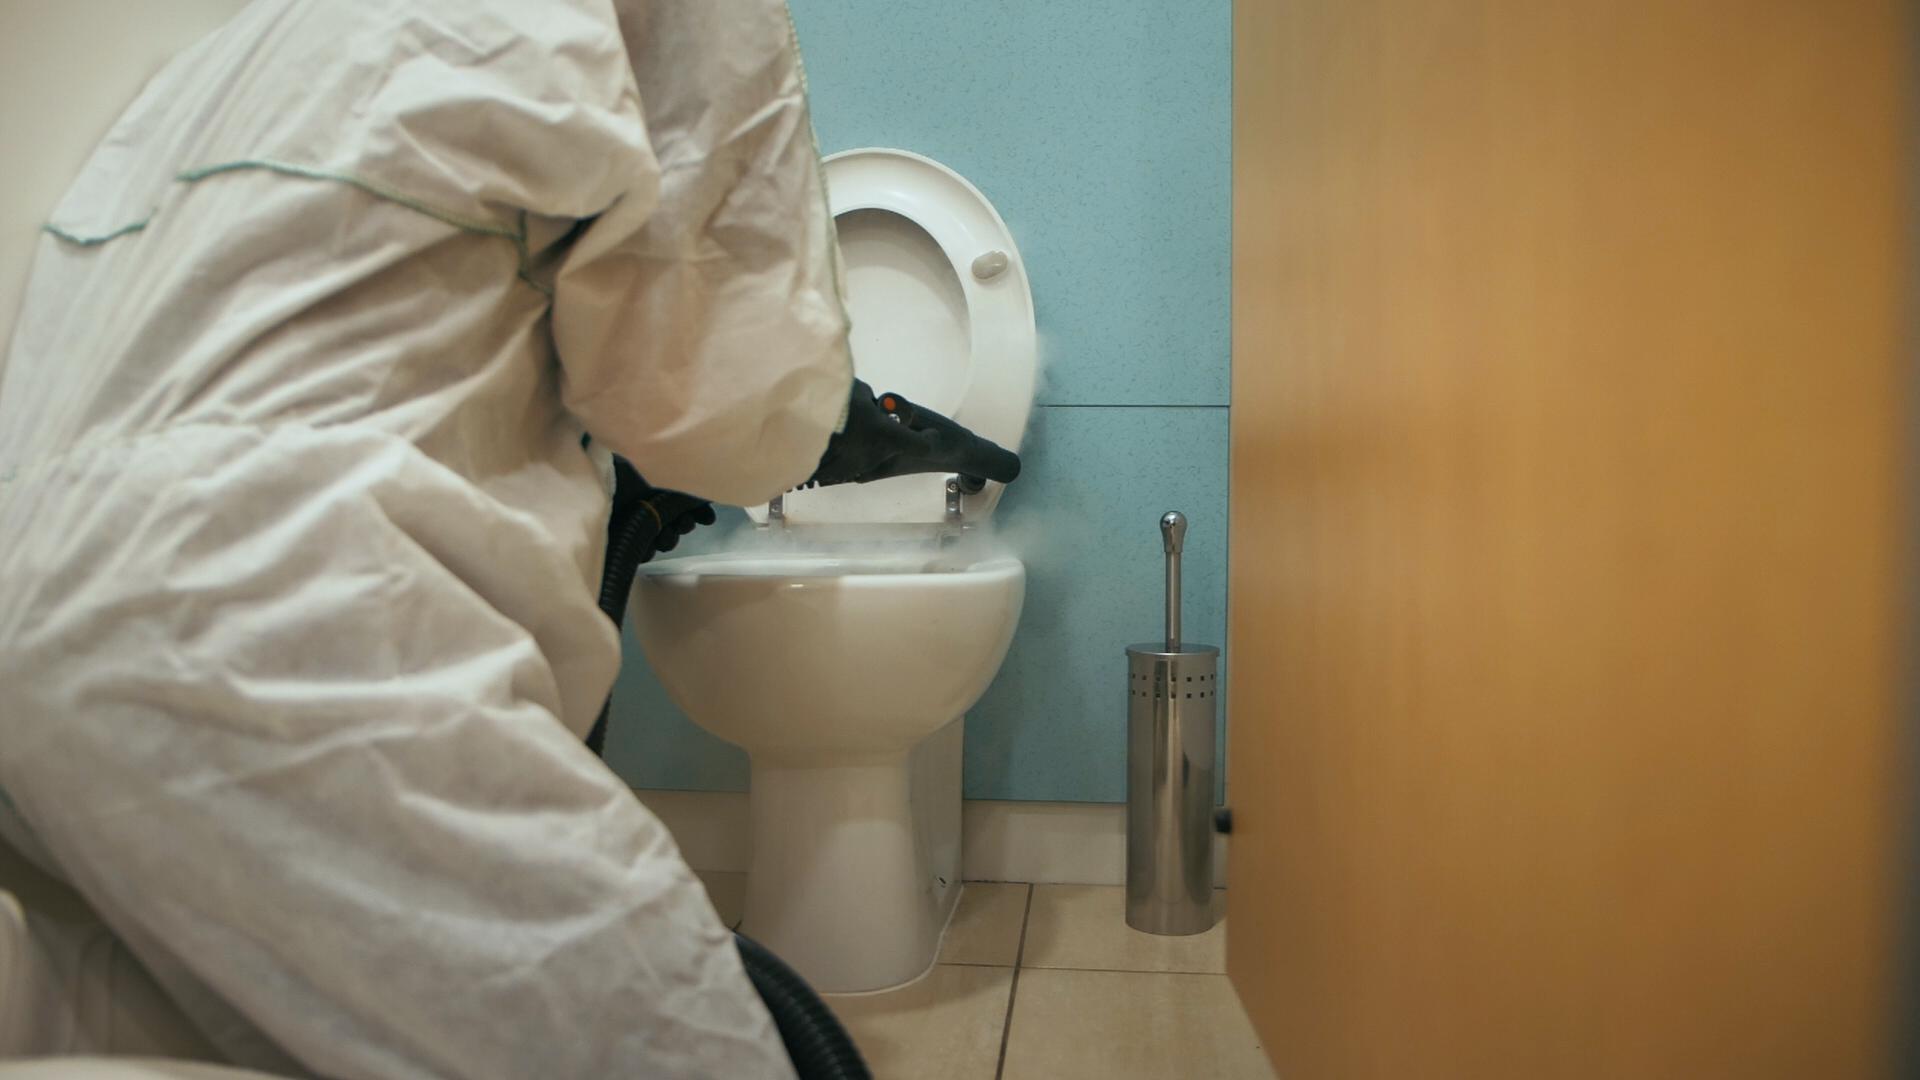 Still_49 Washroom Services